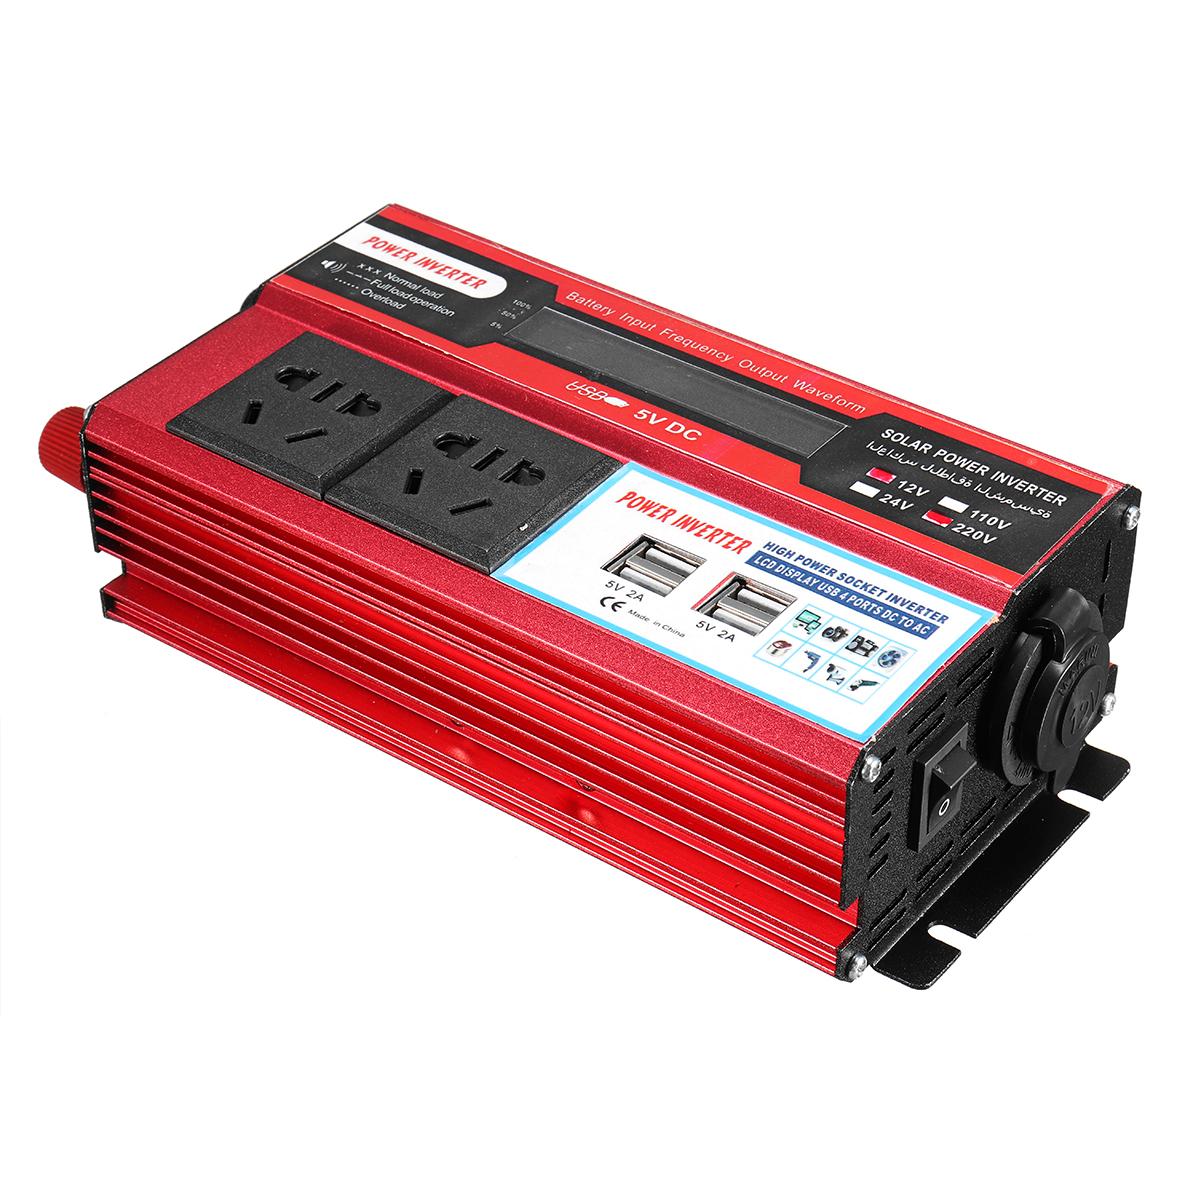 500W DC 12V/24V to AC 110V/220V Modified Sine Wave Power Inverter 4 USB